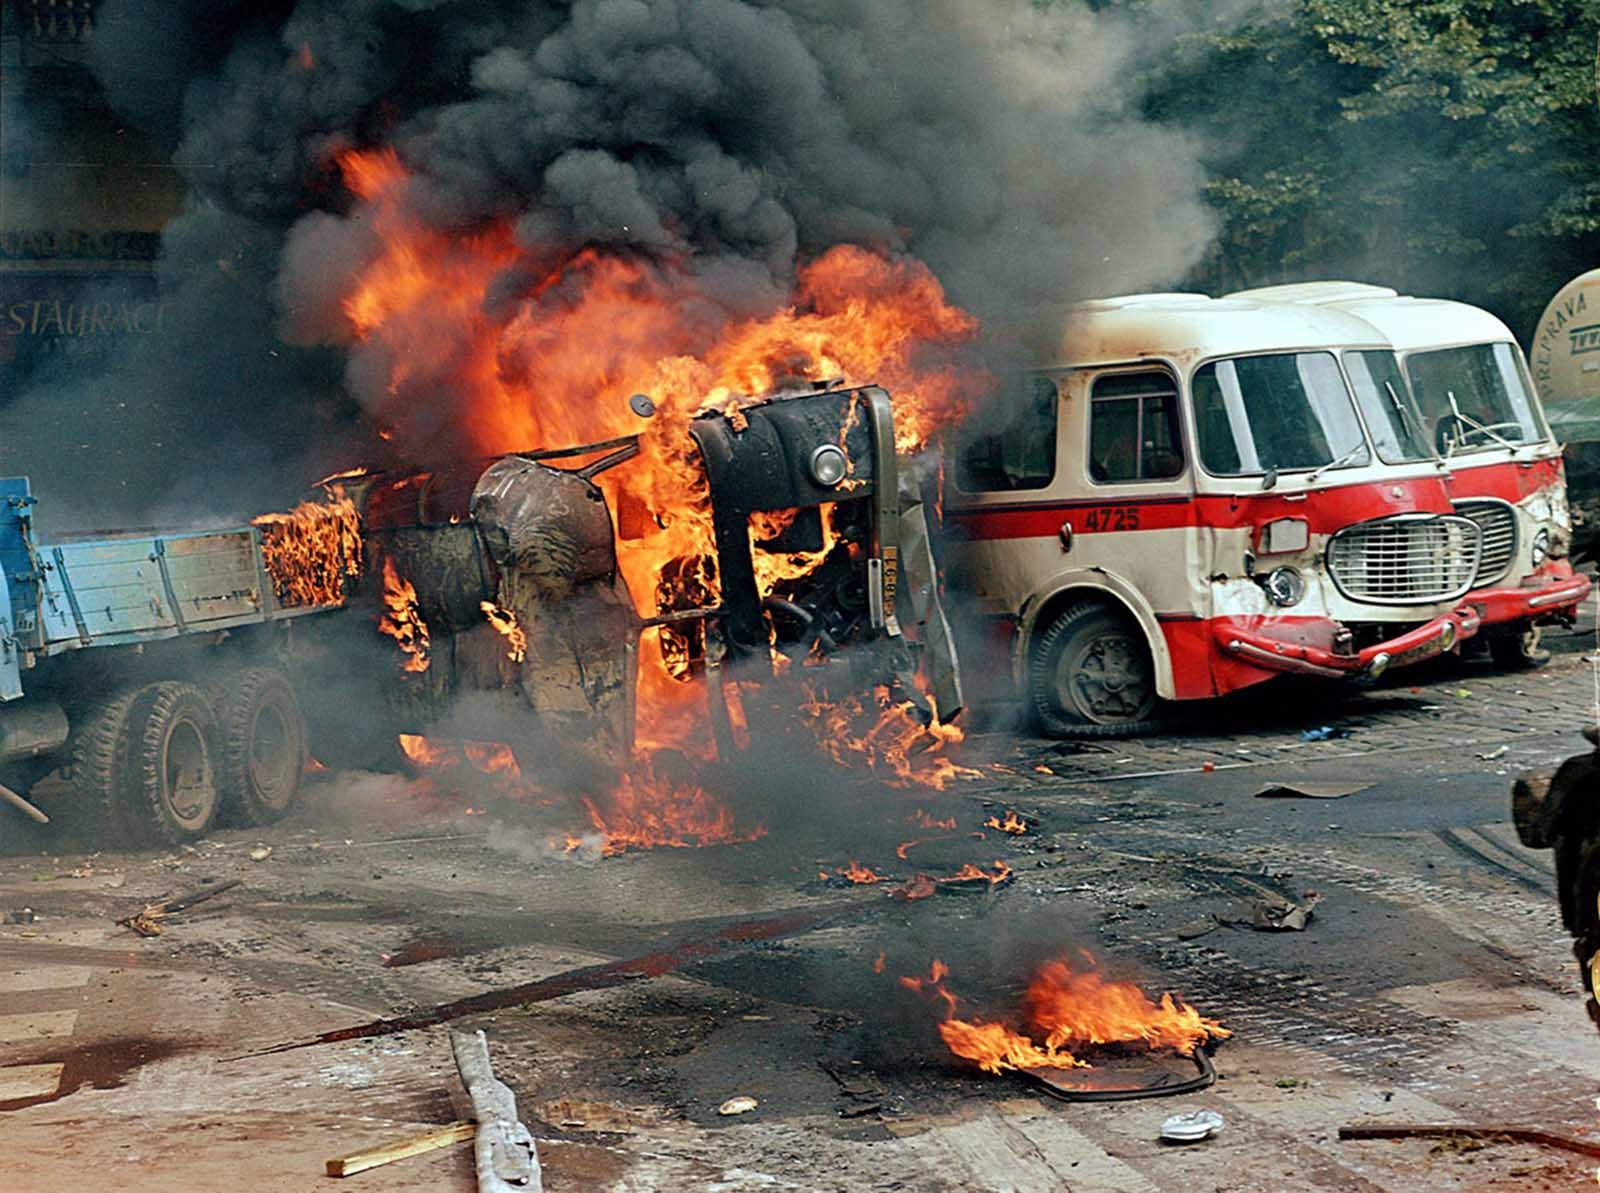 Una barricada hecha de camiones y autobuses se quema frente al edificio de la Radio Checoslovaca, en el centro de Praga, el 21 de agosto de 1968.